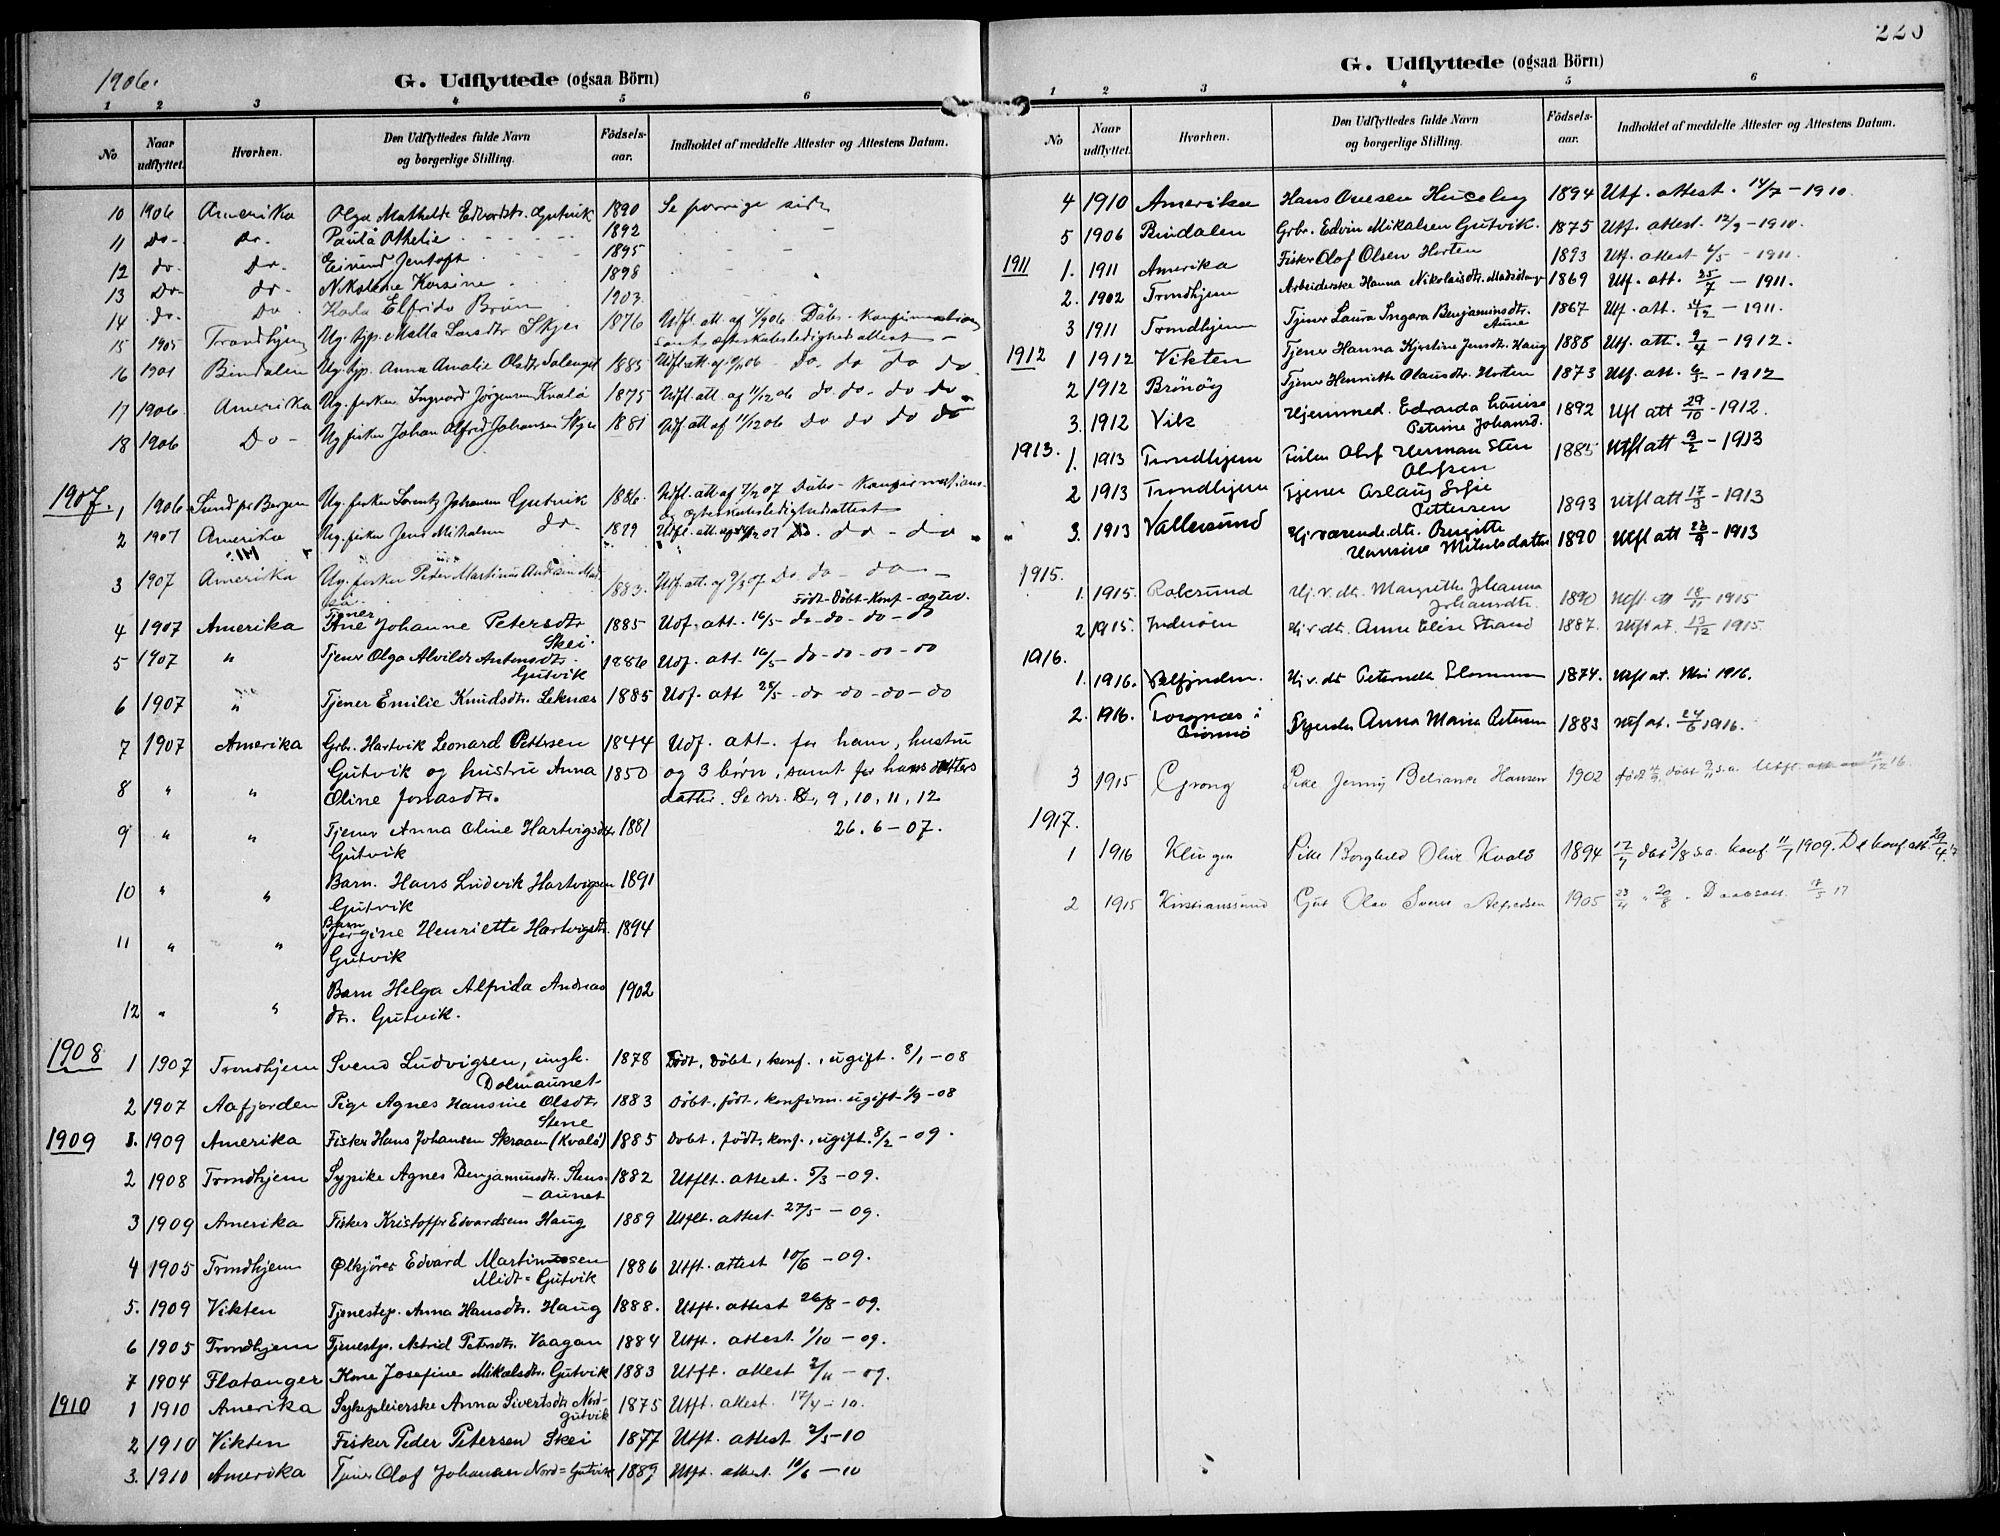 SAT, Ministerialprotokoller, klokkerbøker og fødselsregistre - Nord-Trøndelag, 788/L0698: Ministerialbok nr. 788A05, 1902-1921, s. 220